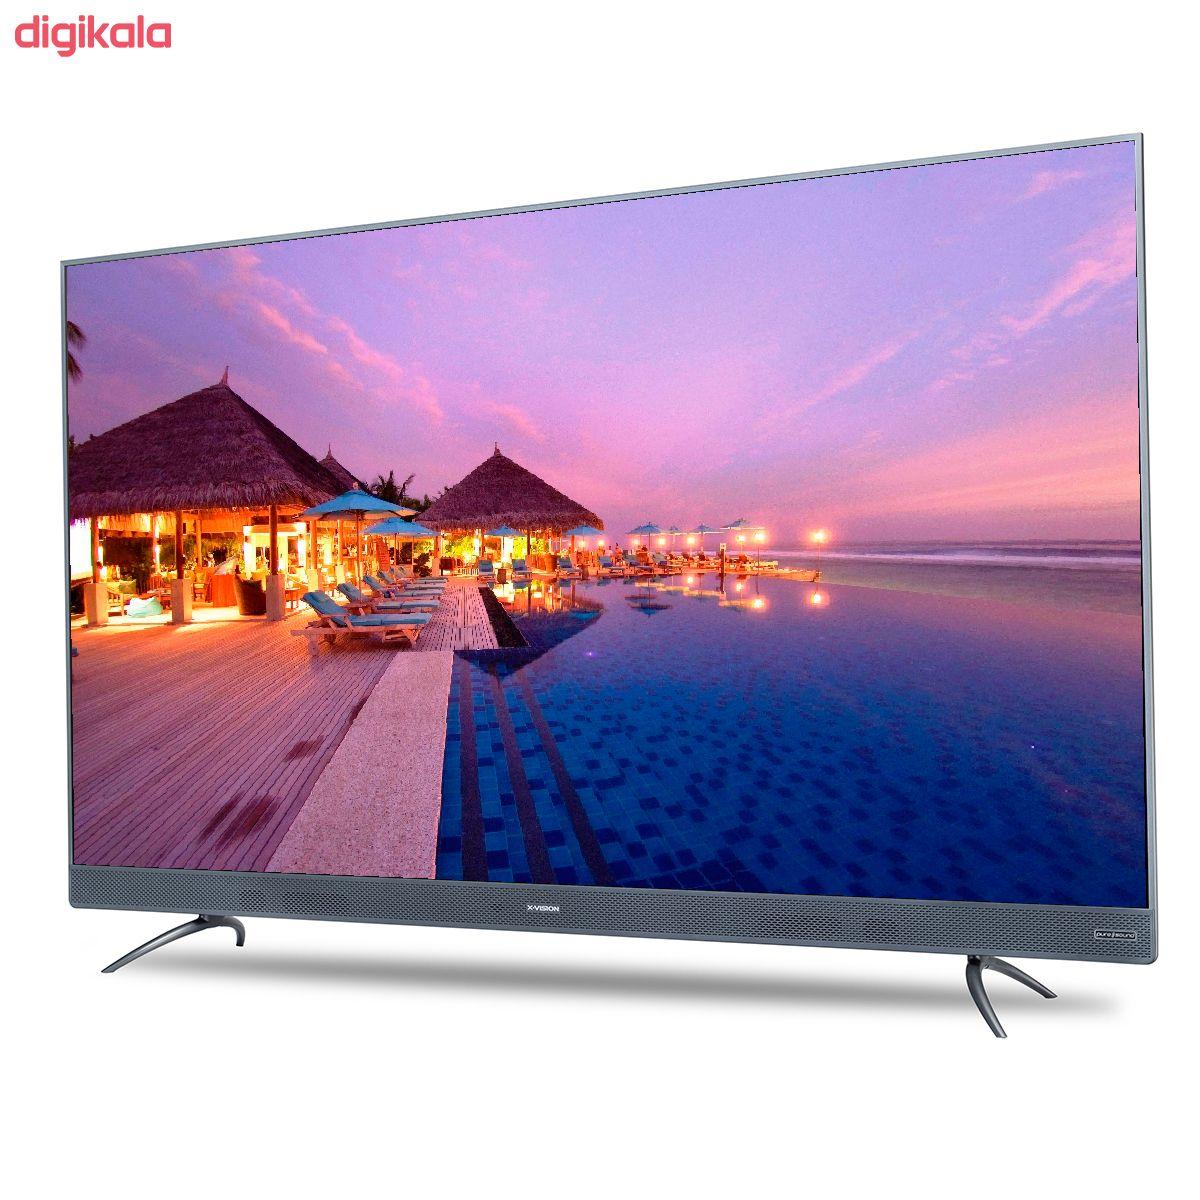 تلویزیون ال ای دی هوشمند ایکس ویژن مدل 55XTU745 سایز 55 اینچ main 1 13